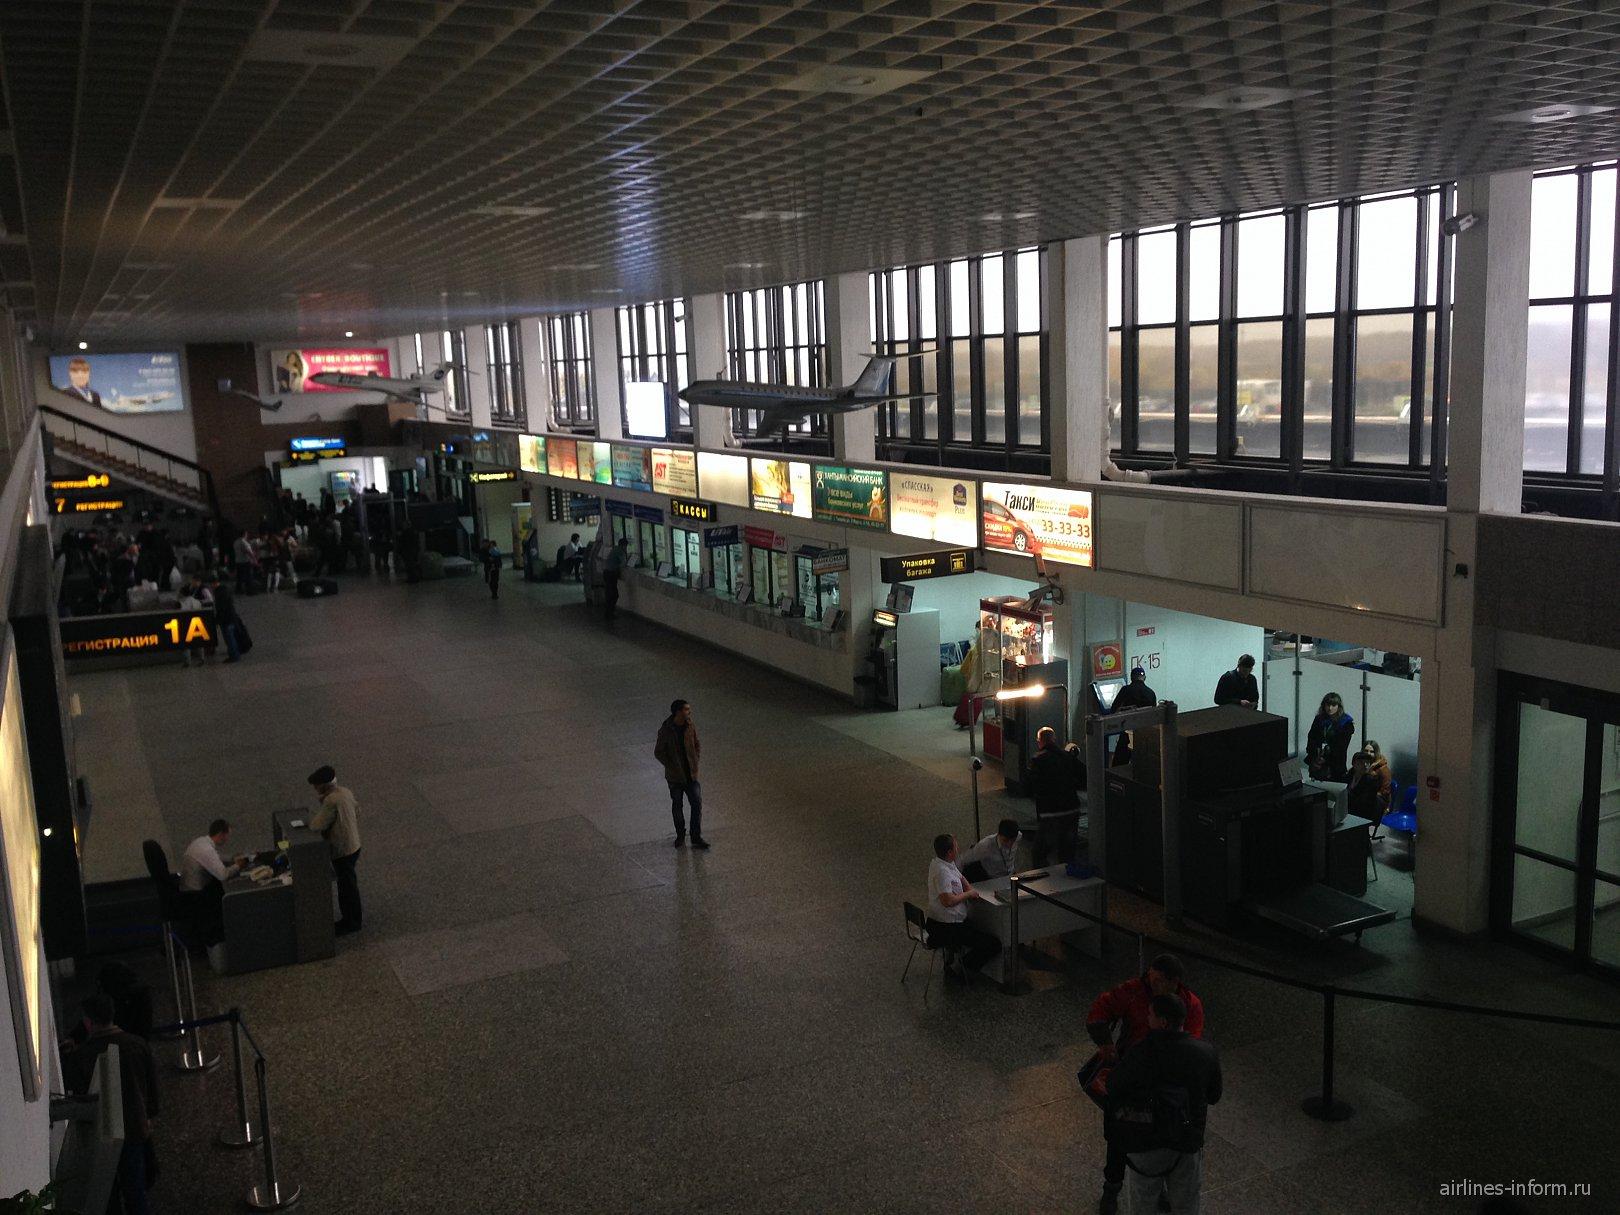 В аэровокзале аэропорта Тюмень Рощино